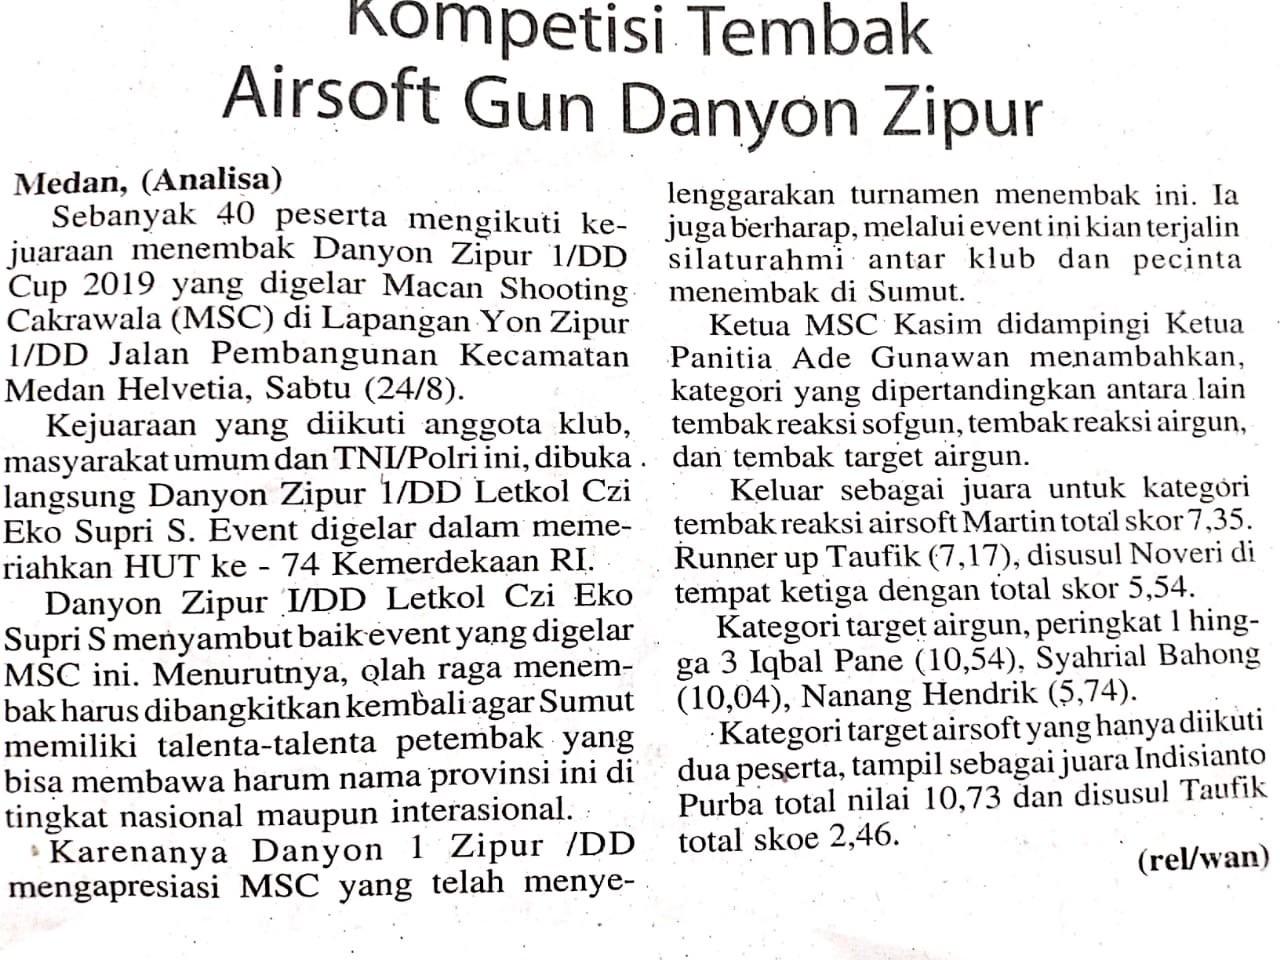 Kompetisi Tembak Airsoft Gun Danyon Zipur